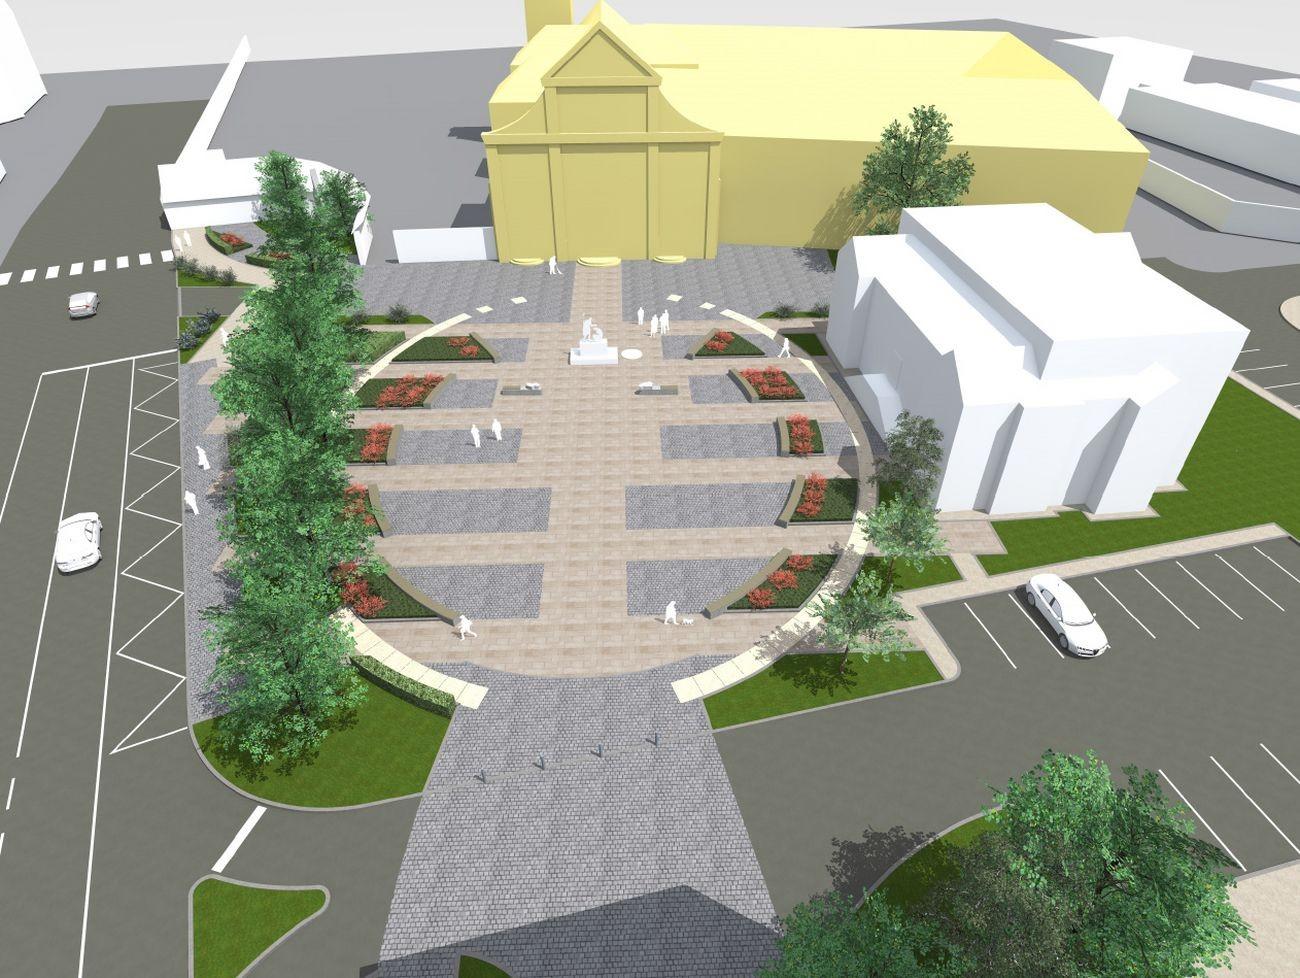 A Szent Márton-templom alőtti tér látványterve